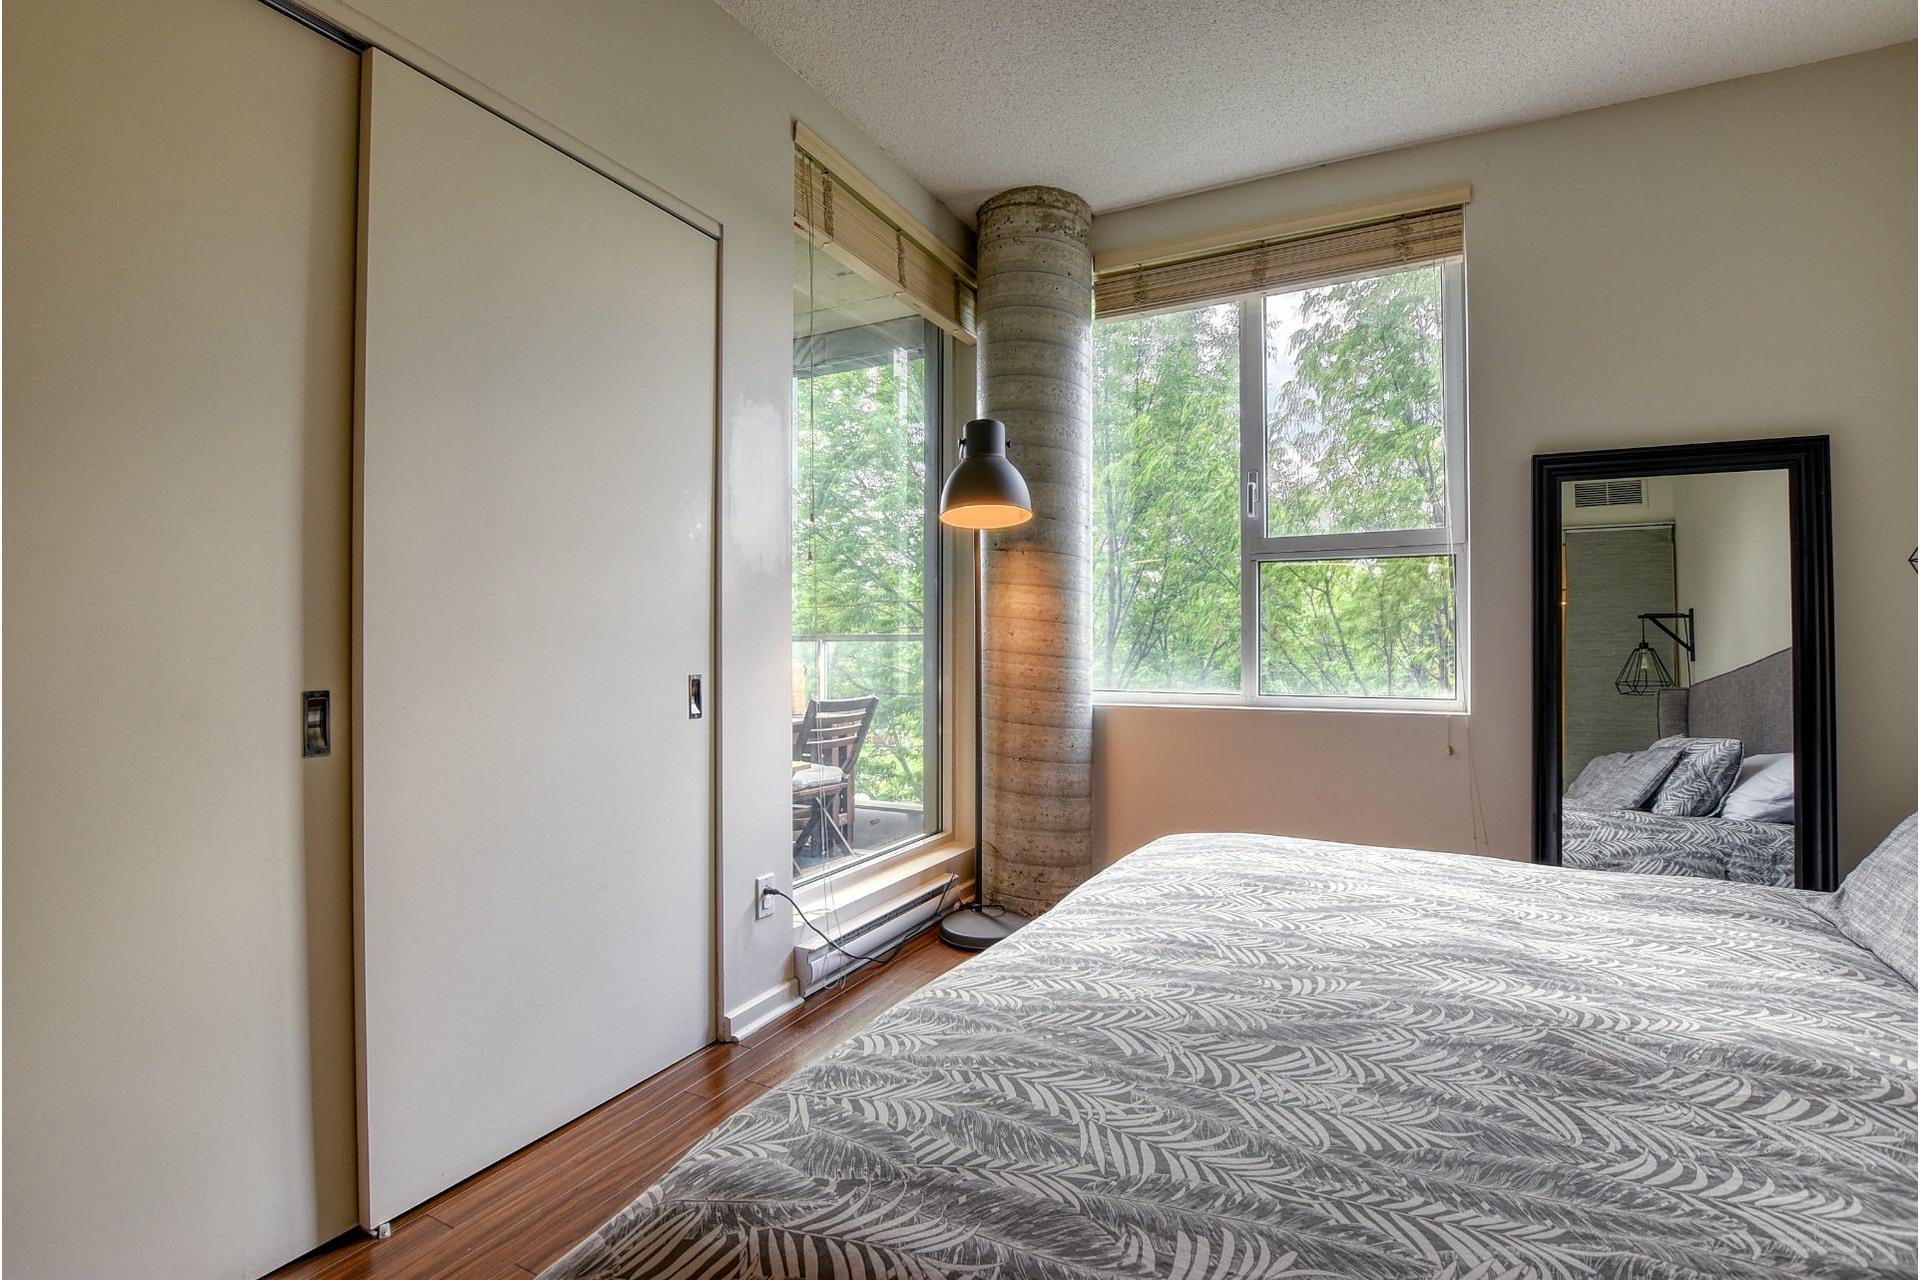 image 11 - Appartement À vendre Verdun/Île-des-Soeurs Montréal  - 4 pièces